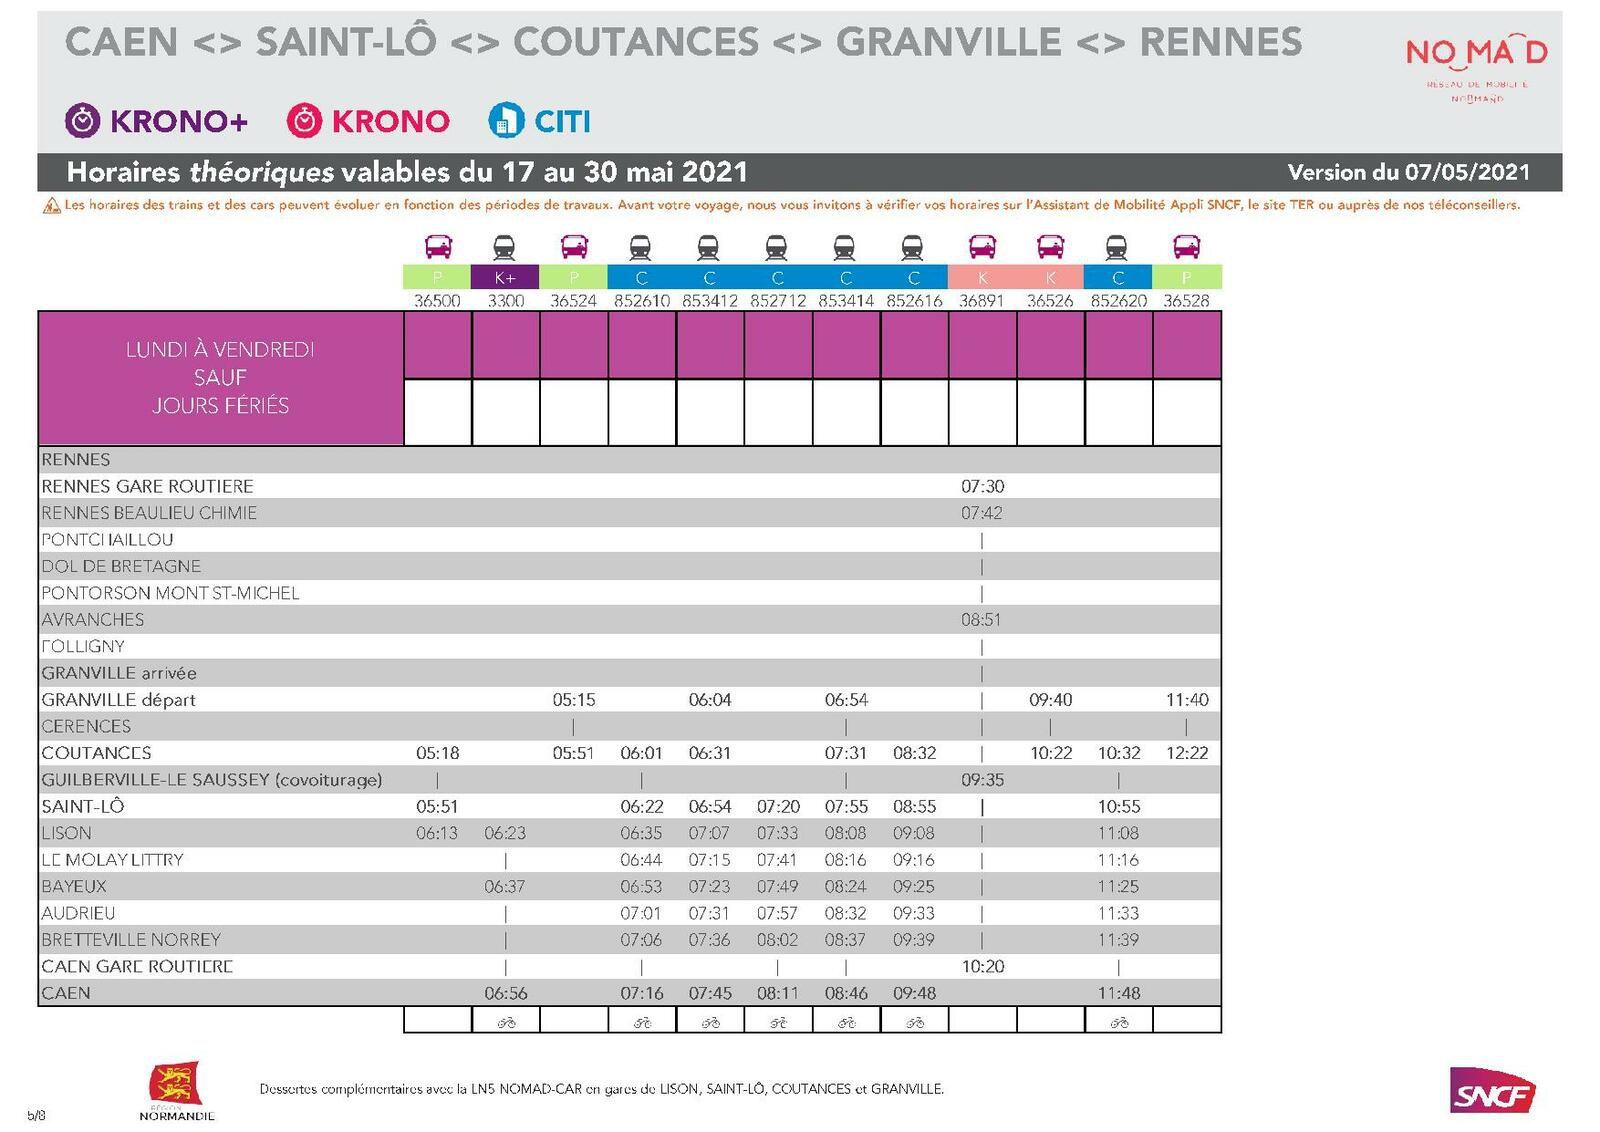 Rennes > Caen du 17 au 30 mai 2021 - Version du 7.05.2021